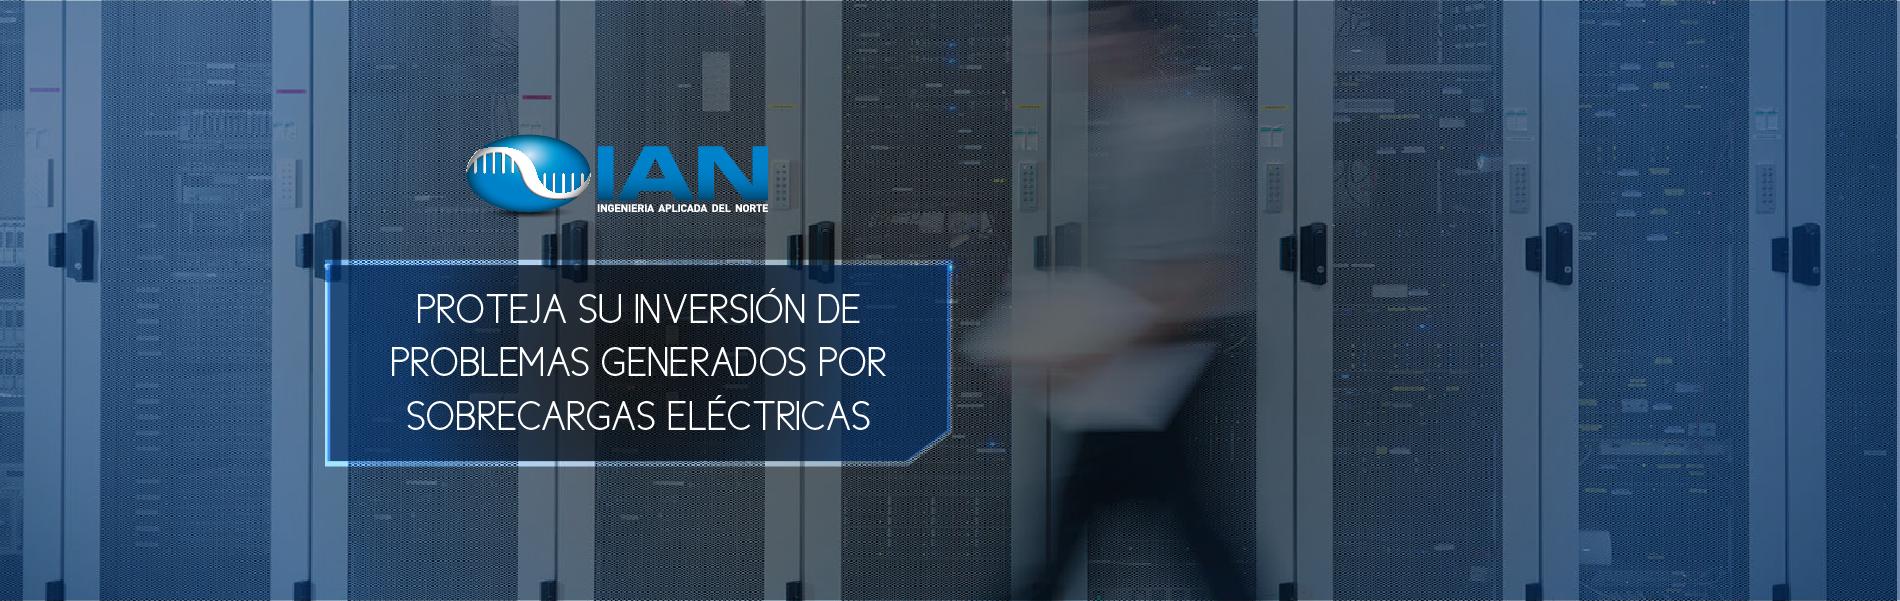 IAN_Cover_Ene-web